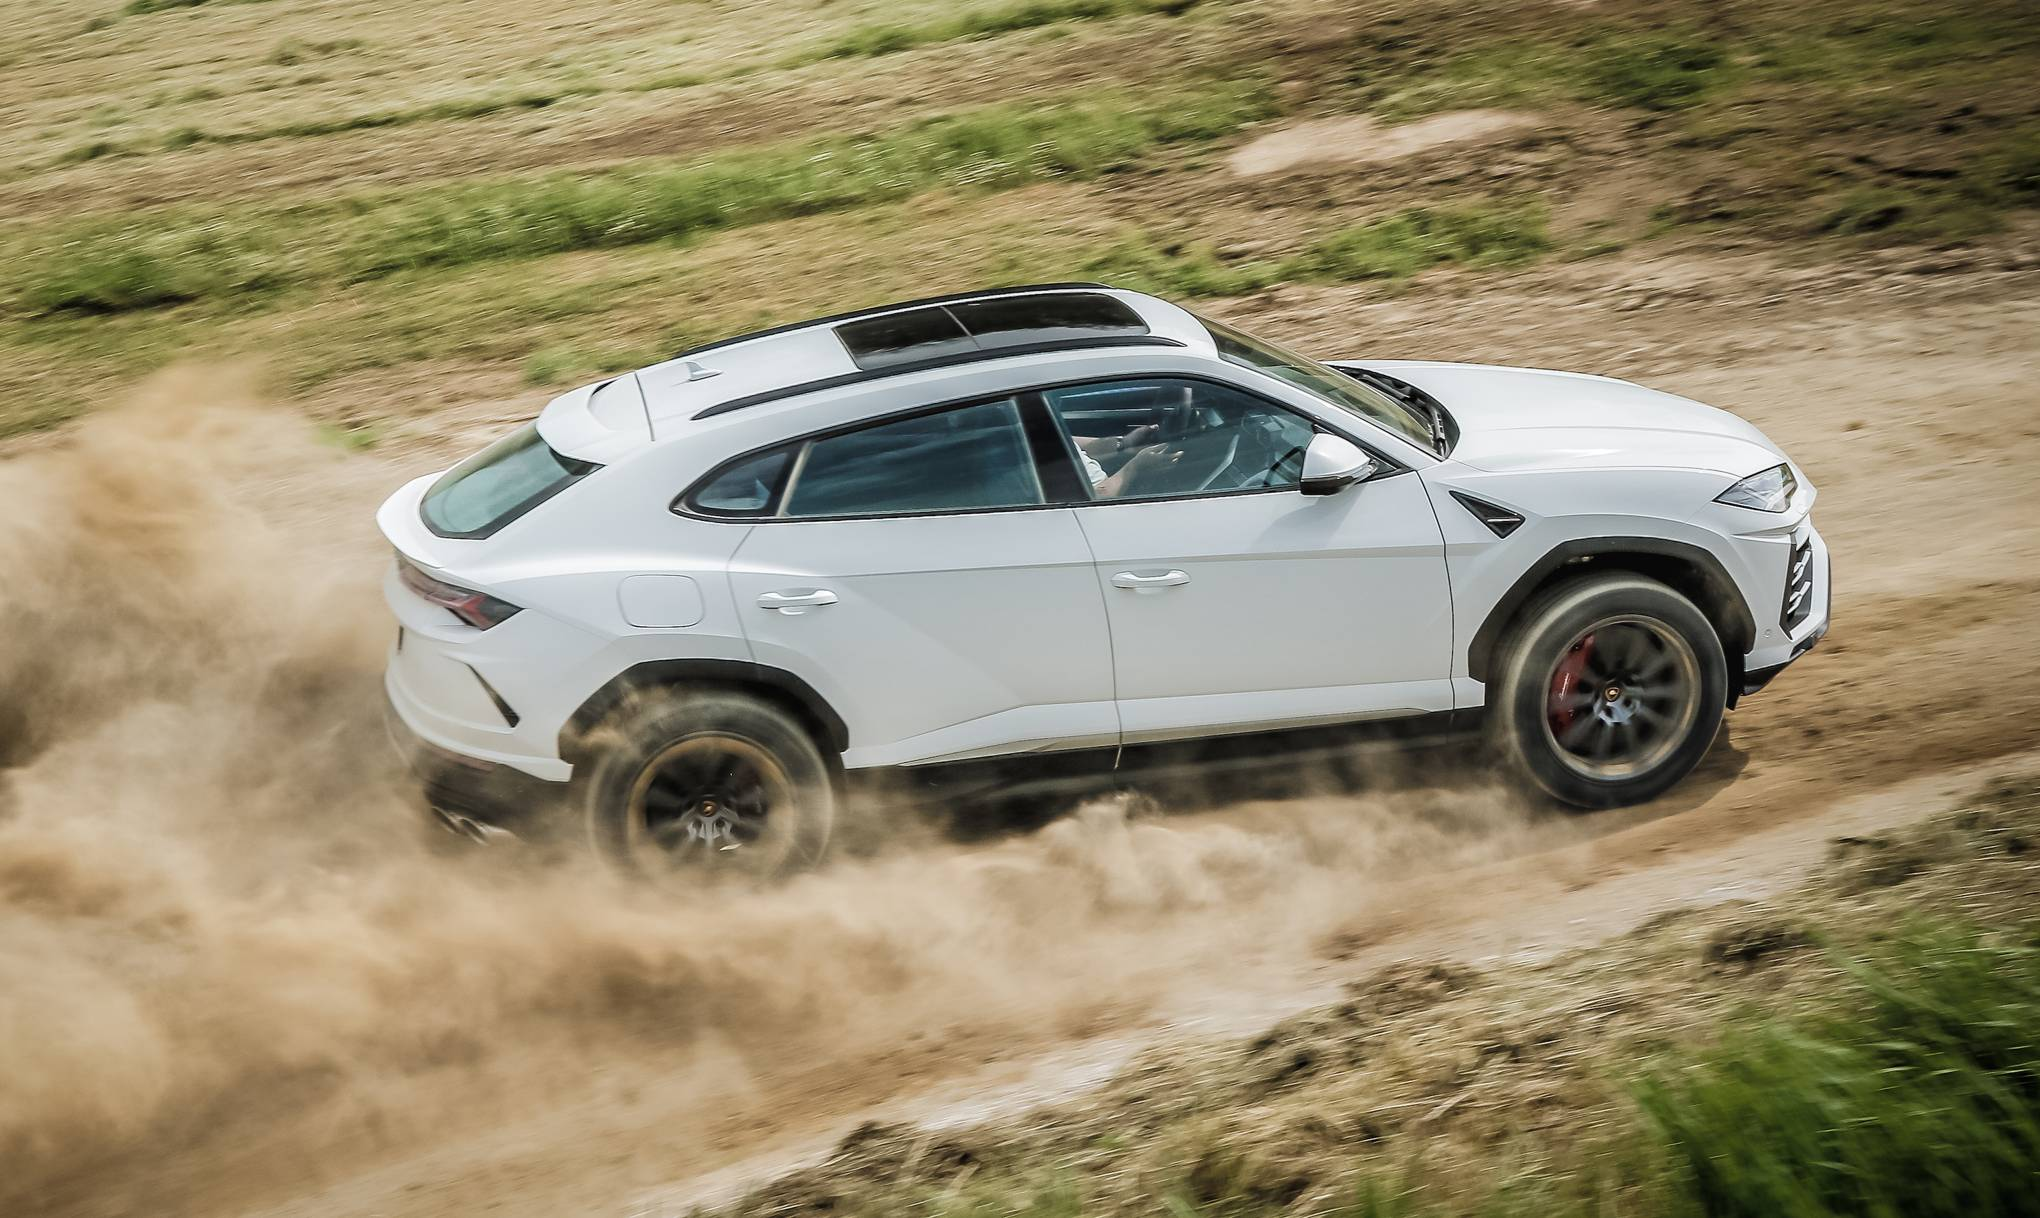 Urus Lamborghini White